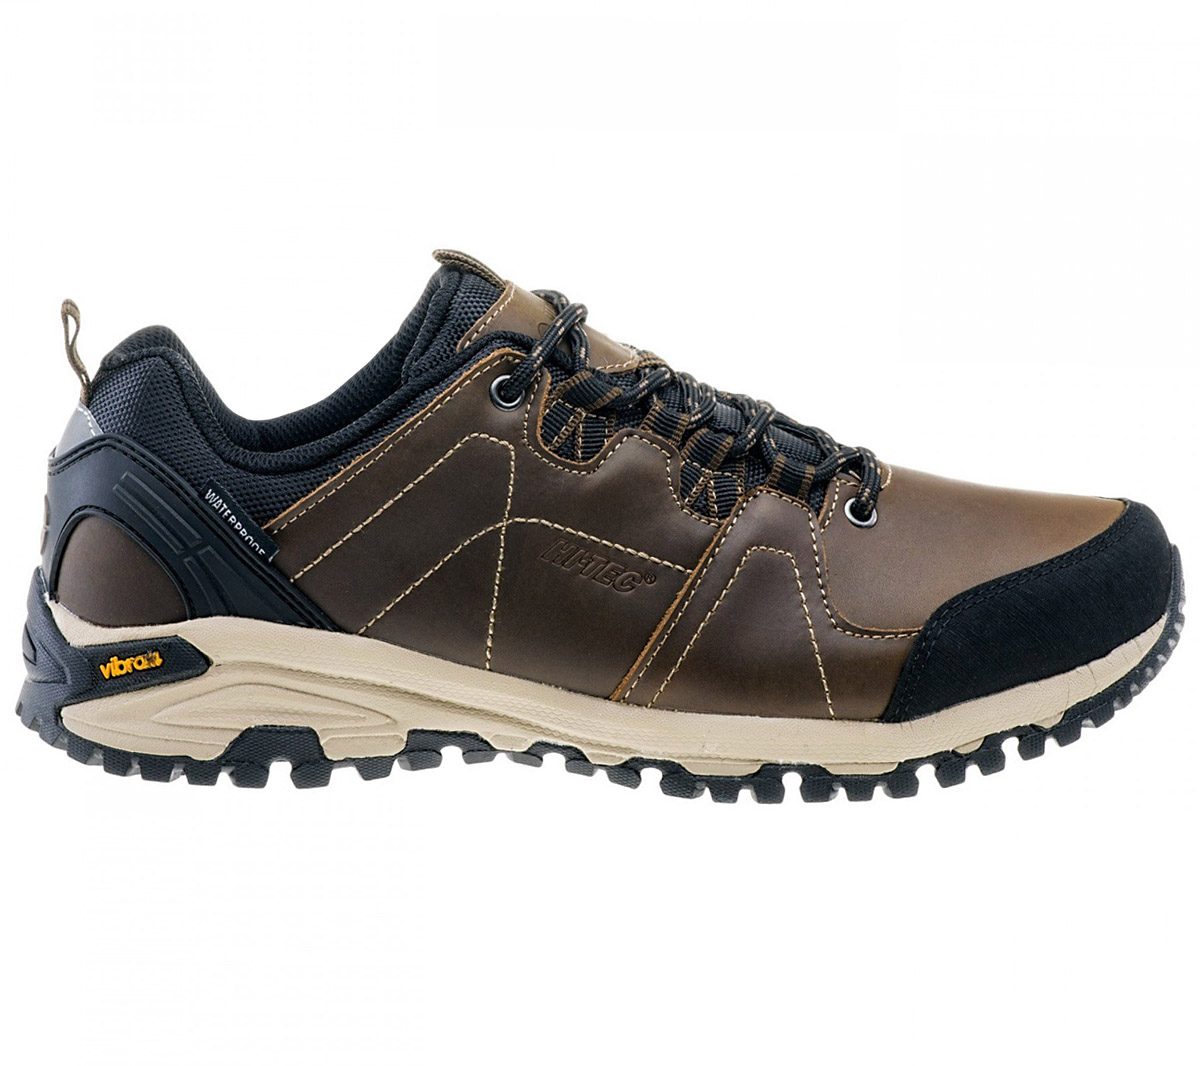 Hi-Tec Herren Stiefel Wanderschuhe Outdoor Trekking Schuh Stiefel Herren Bergschuh niedrig hoch e815b5